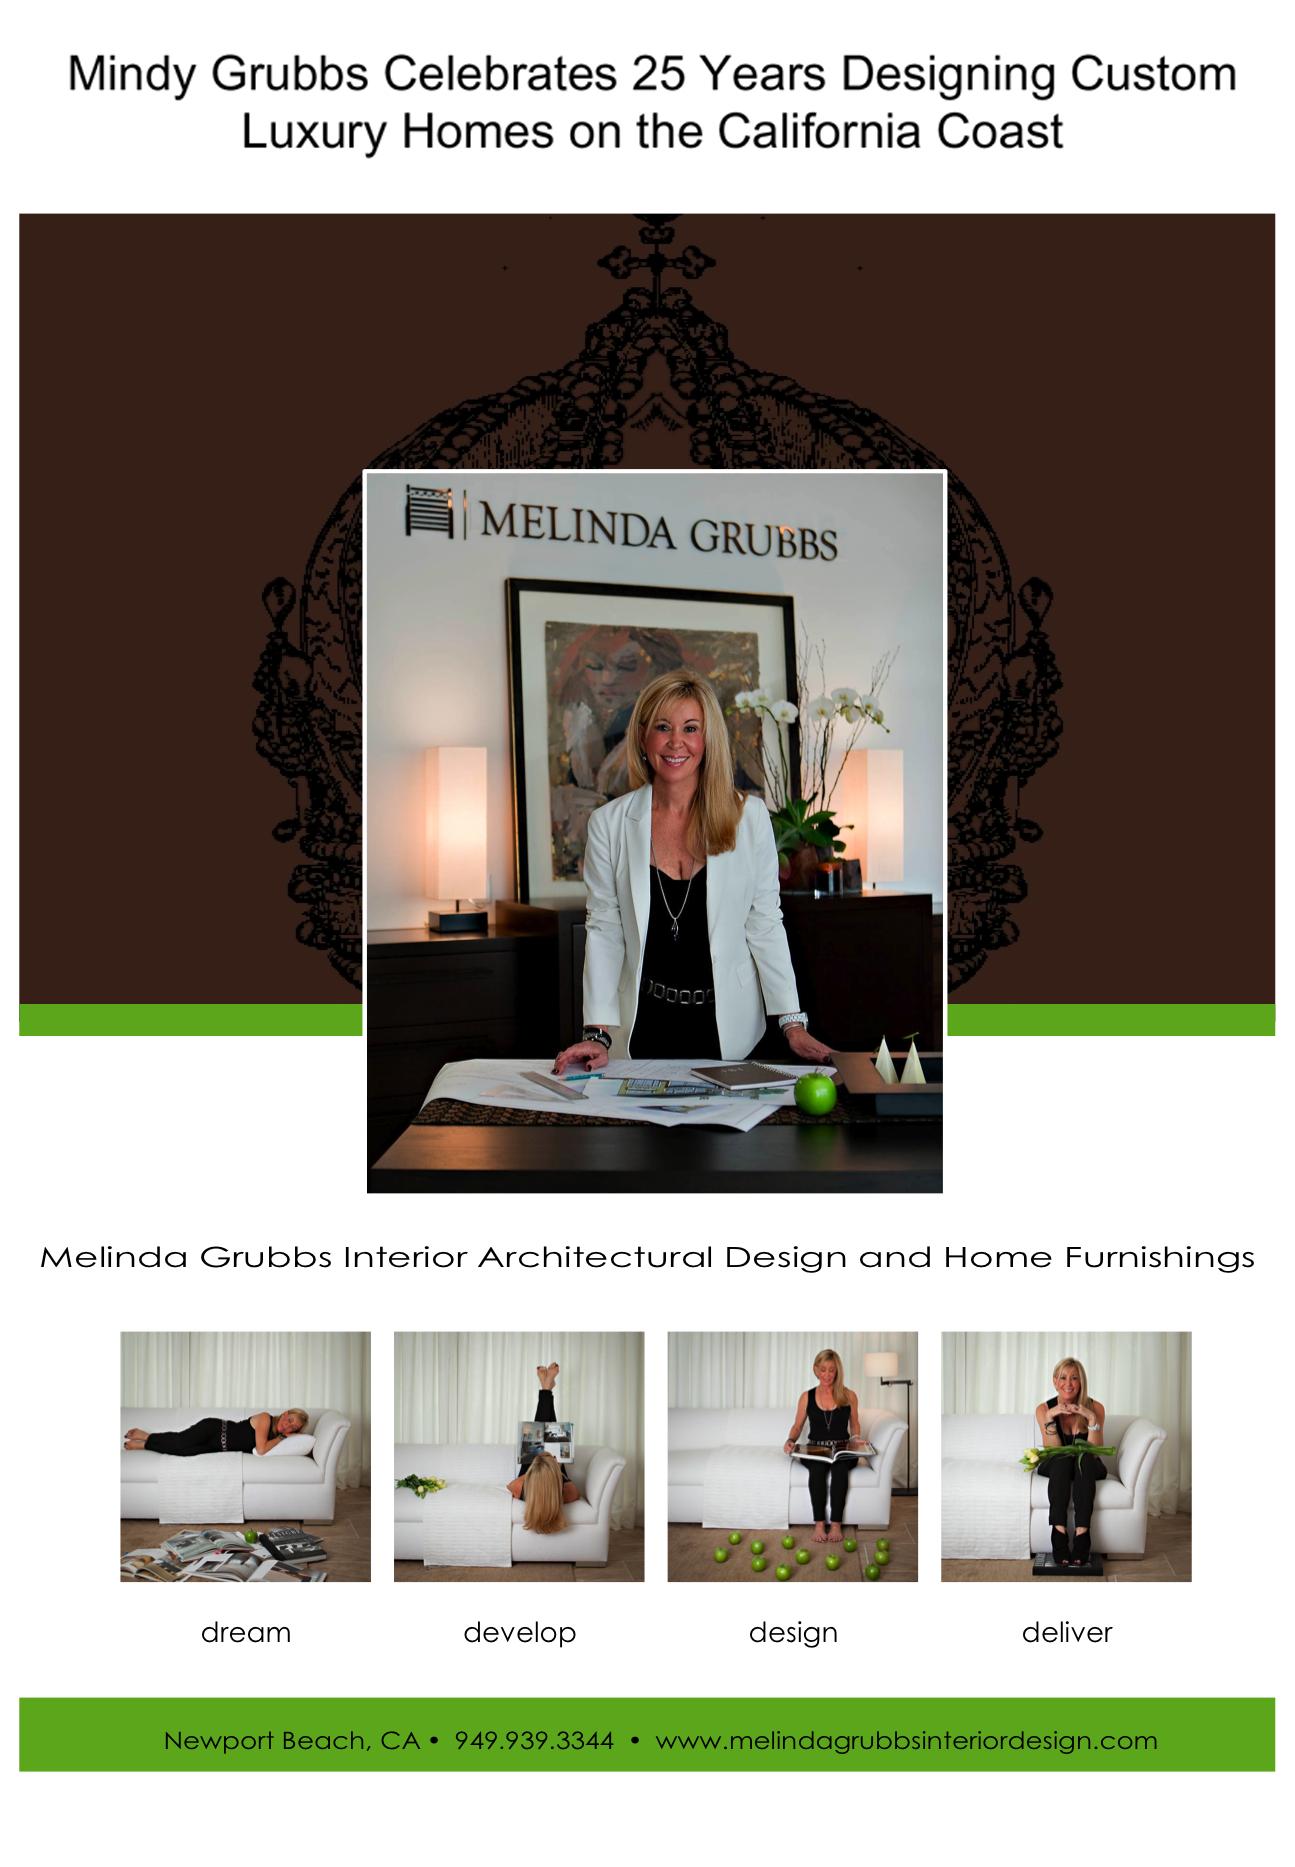 Melinda Grubbs Interior Design